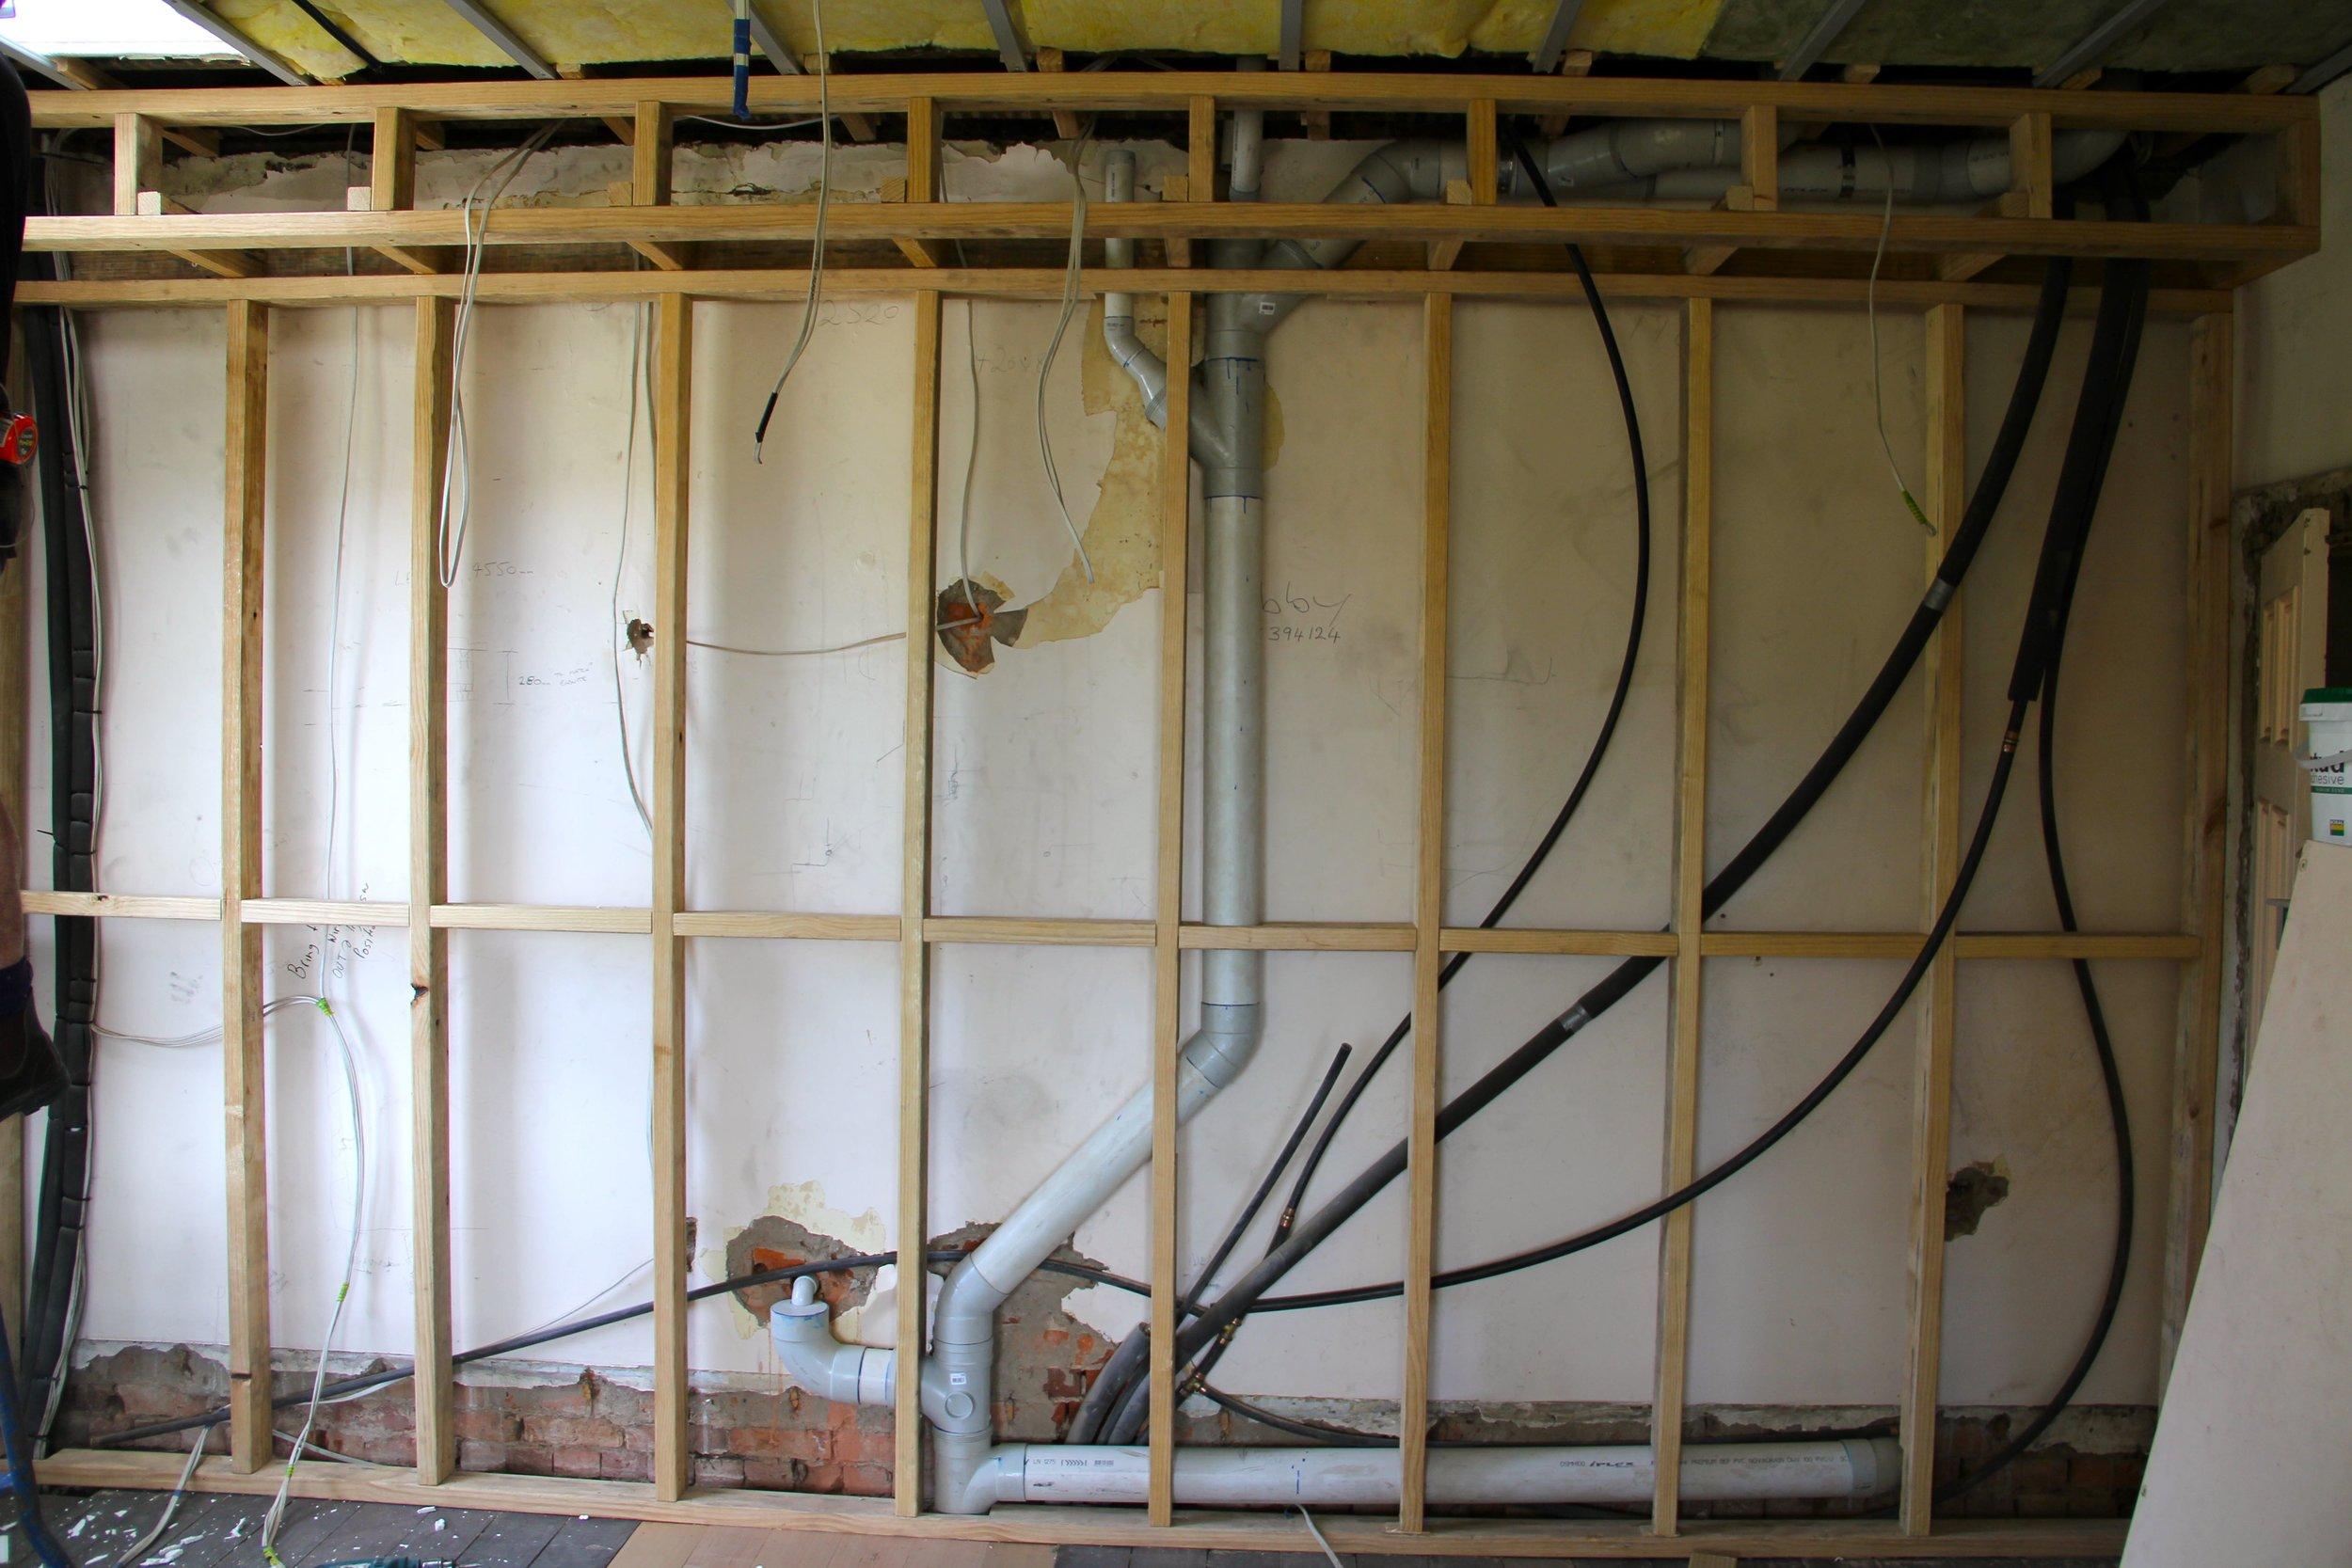 HK sittingroom wall-plumbing01.jpg